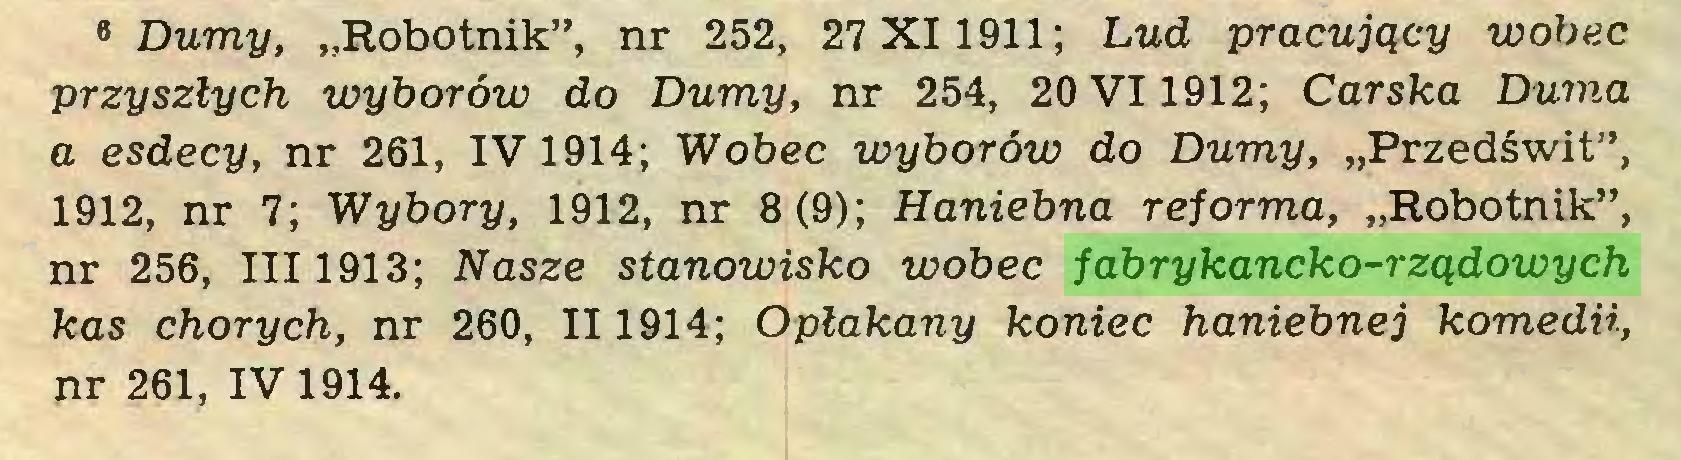 """(...) 6 Dumy, """"Robotnik"""", nr 252, 27X1 1911; Lud pracujący wobec przyszłych wyborów do Dumy, nr 254, 20 VI1912; Carska Duma a esdecy, nr 261, IV 1914; Wobec wyborów do Dumy, """"Przedświt"""", 1912, nr 7; Wybory, 1912, nr 8 (9); Haniebna reforma, """"Robotnik"""", nr 256, III 1913; Nasze stanowisko wobec fabrykancko-rządowych kas chorych, nr 260, II1914; Opłakany koniec haniebnej komedii, nr 261, IV 1914..."""